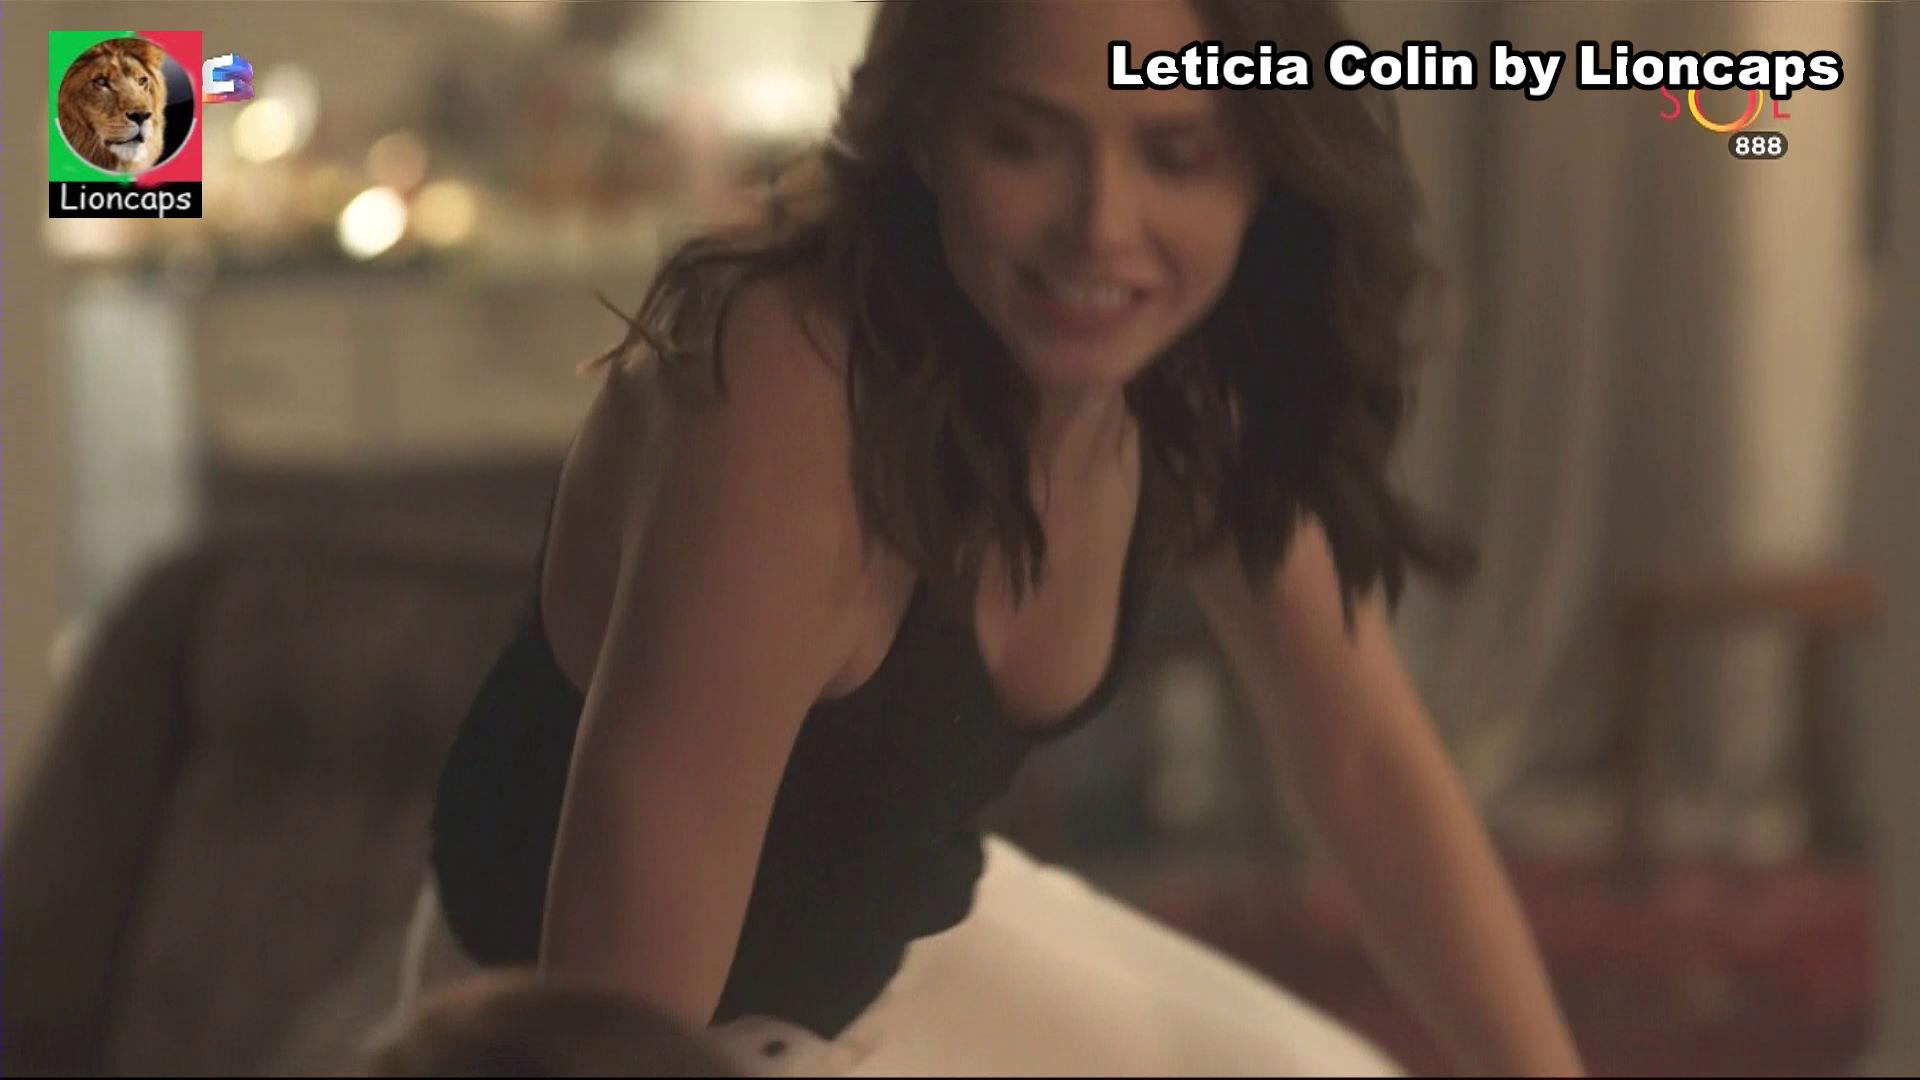 360720366_leticia_colin_vs190612_2275_122_169lo.JPG